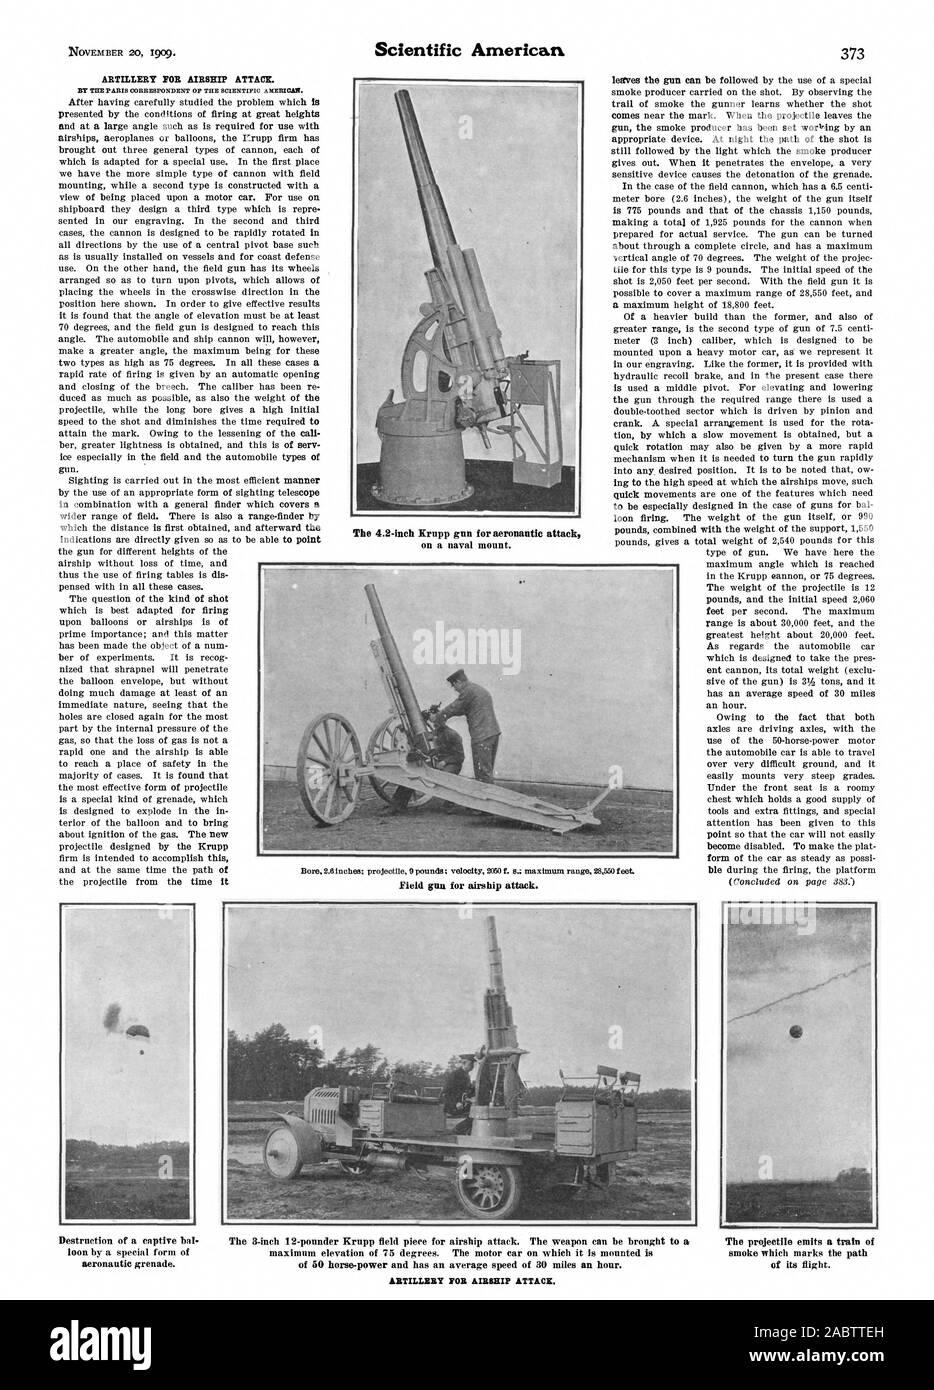 Les 4,2 pouces canon Krupp de l'aéronautique l'ATTAQUE PAR LE CORRESPONDANT À PARIS DE L'Amérique. scientifique. des armes à feu qui est le mieux adapté pour la cuisson d'une heure. En raison du fait que les deux canon de campagne pour l'Airship attaque. Pour l'artillerie attaque dirigeable., Scientific American, -1909-11-20 Banque D'Images